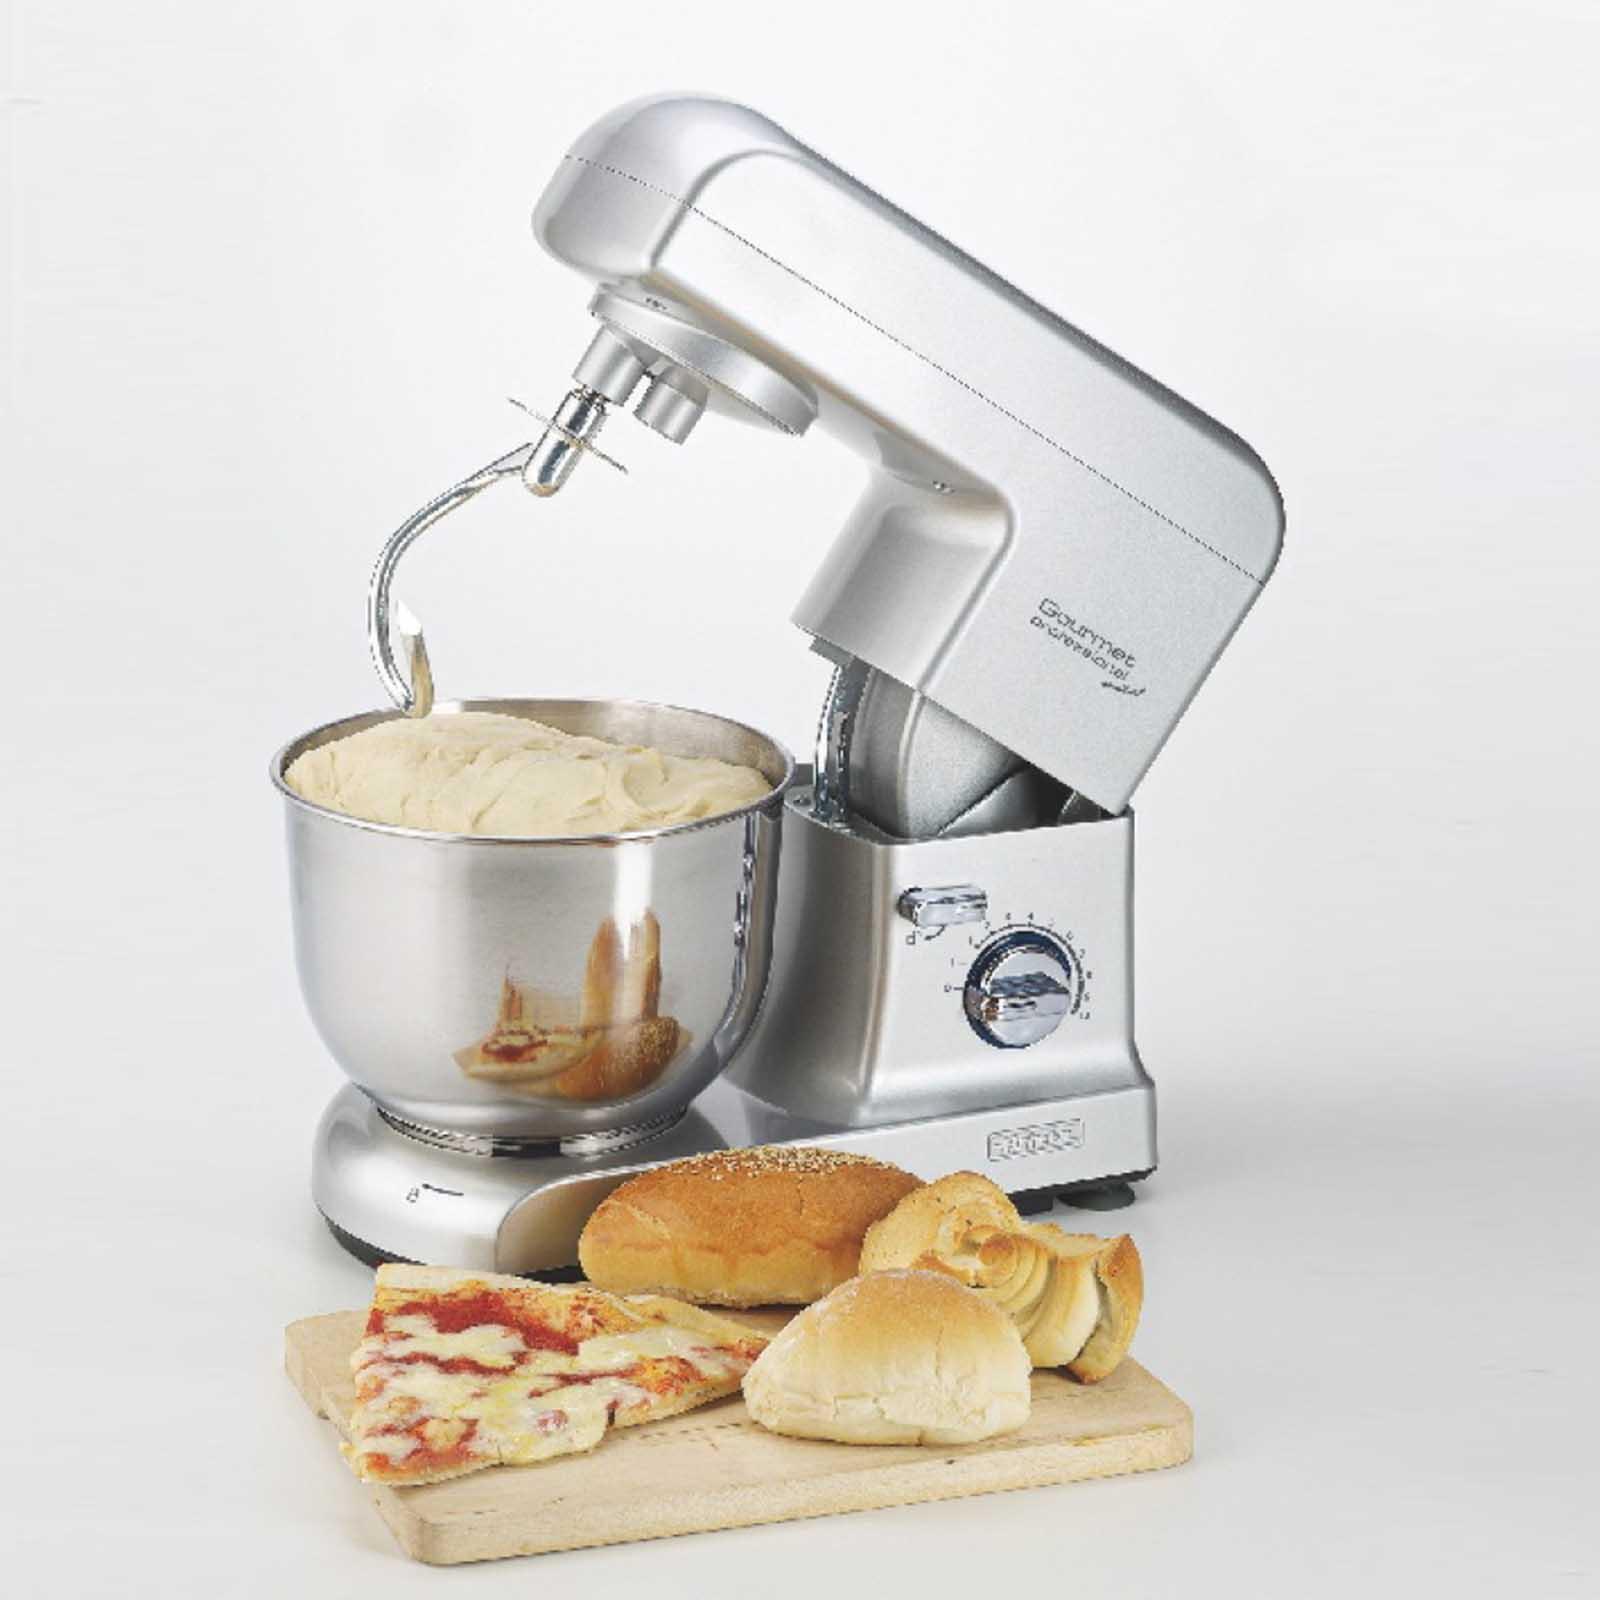 Кухонная машина + Блендер от Ariete